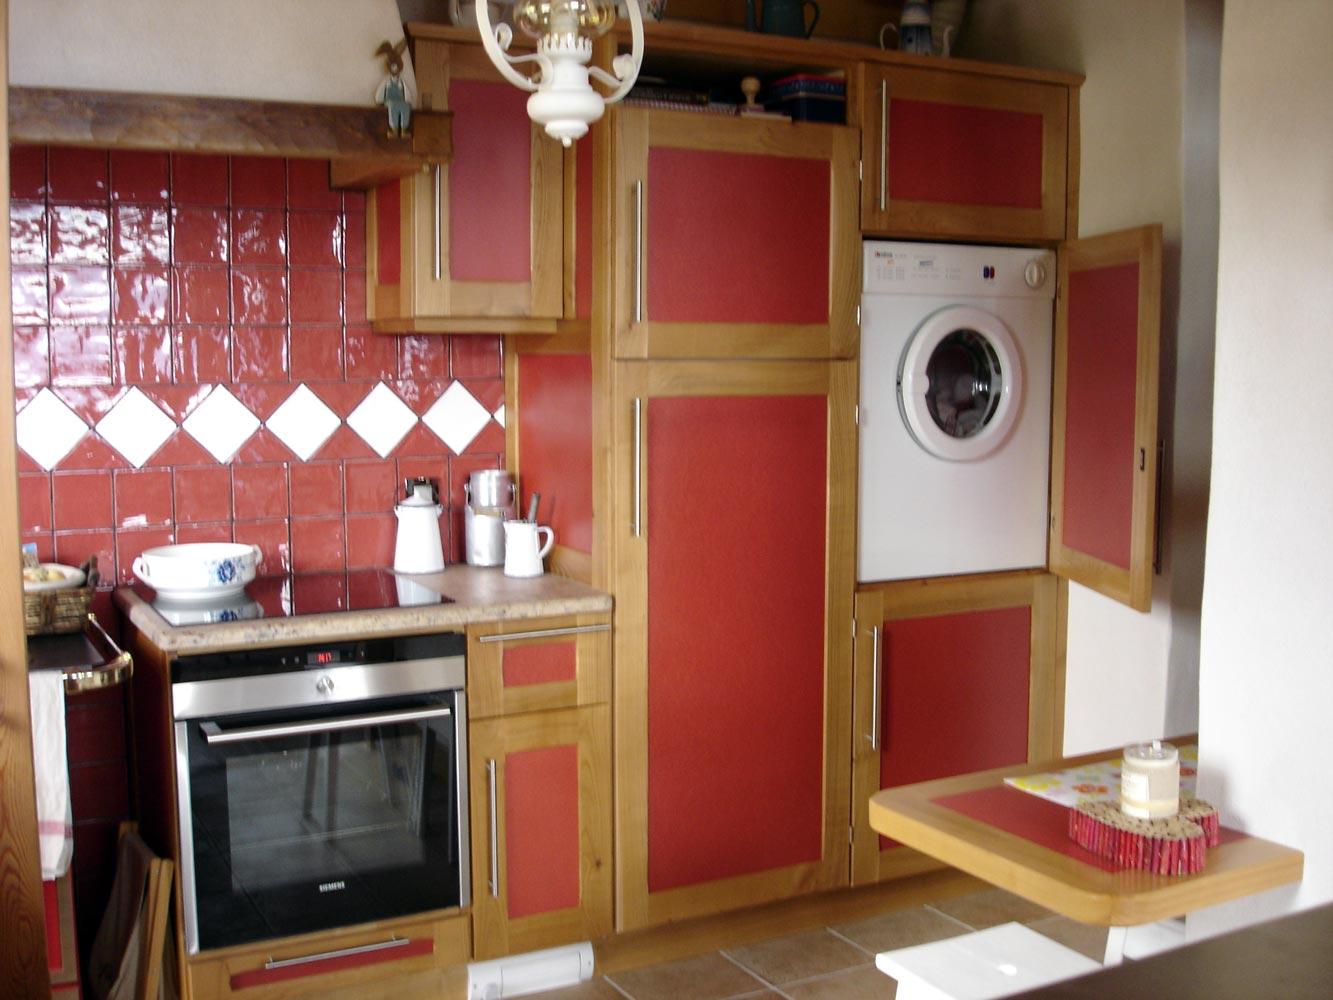 Menuiserie Bottollier Philippe A Cordon En Haute Savoie 74 Pose De Cuisines Et Salles De Bains 74 Haute Savoie